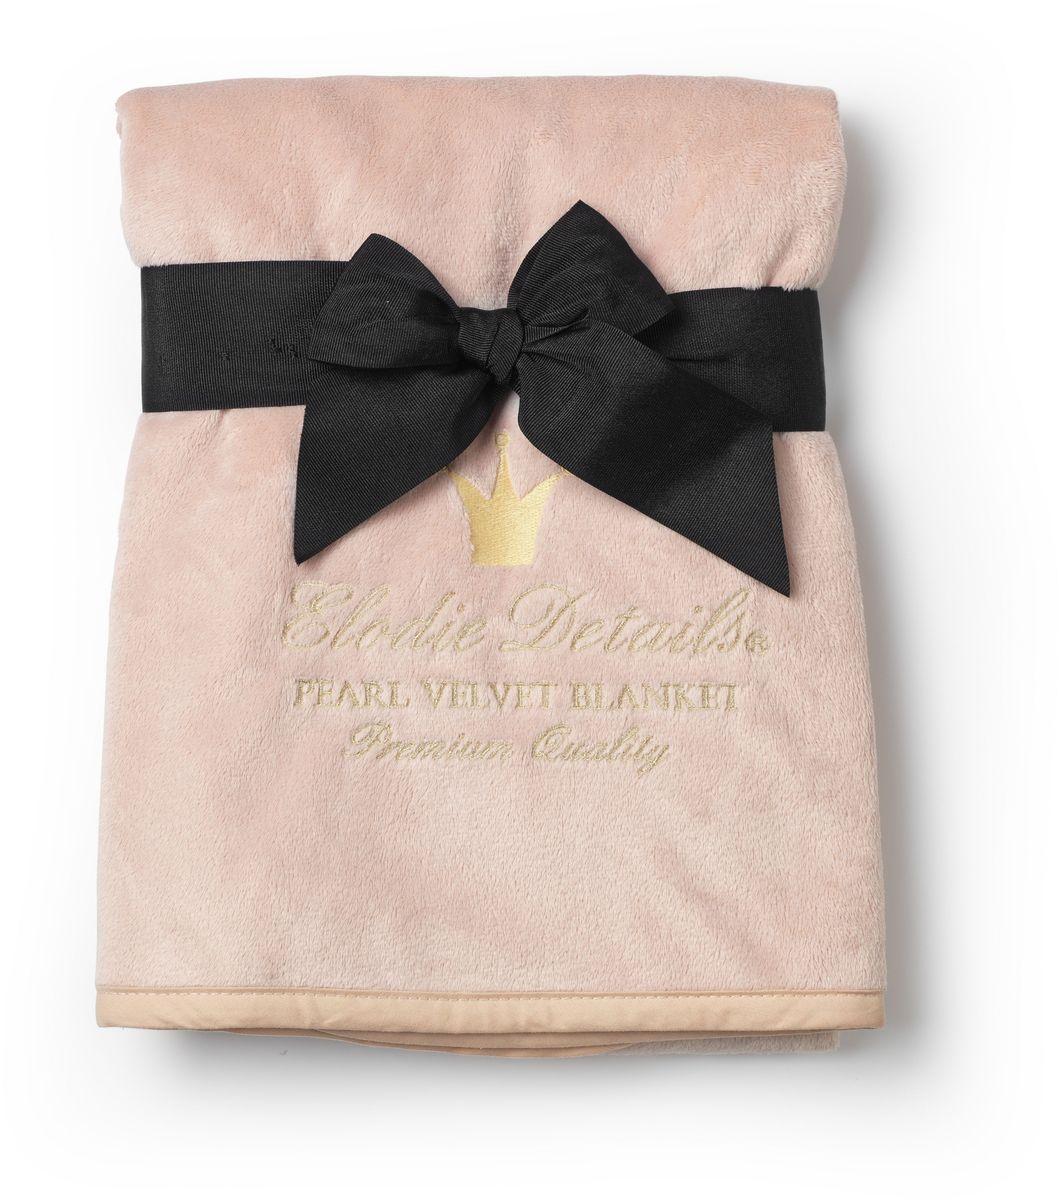 Elodie Details Плед детский Powder Pink 75 см х 100 см103684Плед детский Elodie Details Powder Pink - выполнен из бархатного флиса Pearl Velvet. Материал нового поколения пленяет своей нежностью и теплотой. Малыш с удовольствием закутается в него во время прогулки или будет обнимать, как любимого мишку во время сна. Pearl Velvet имеет влагоизоляционные особенности, необходимые для детских одеял. Плед можно брать с собой на прогулку, укрывать малыша в коляске или просто накинуть на плечи во время пикника. Высокое качество материала позволяет стирать плед в стиральной машине. Он не потеряет свою форму, мягкость и цвет. Модель выполнена в нежном пудровом оттенке и украшена золотистым логотипом бренда.Нагрудники, клипсы для пустышек, бутылочки, сумки для мам, одеяла - все это необходимые вещи повседневной жизни мамы и ребенка. Шведская компания Elodie detalis создает эти предметы уникальными и неповторимыми. Превосходное качество, стиль и практичность сделали компанию популярной во всем мире.